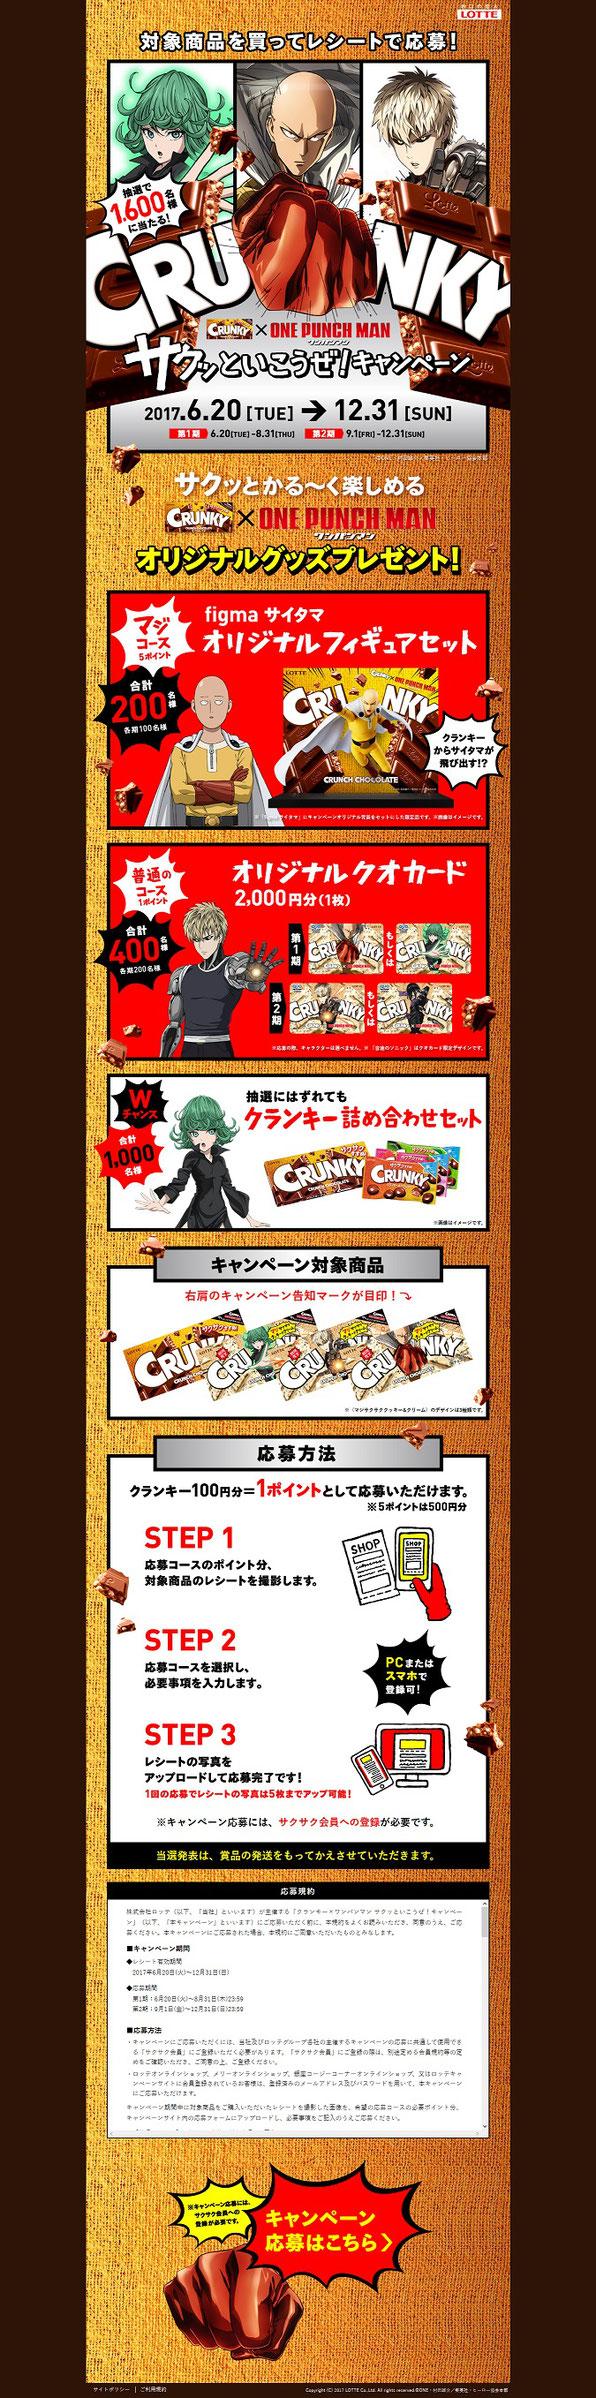 【ロッテ】クランキー×ワンパンマン・コラボキャンペーン